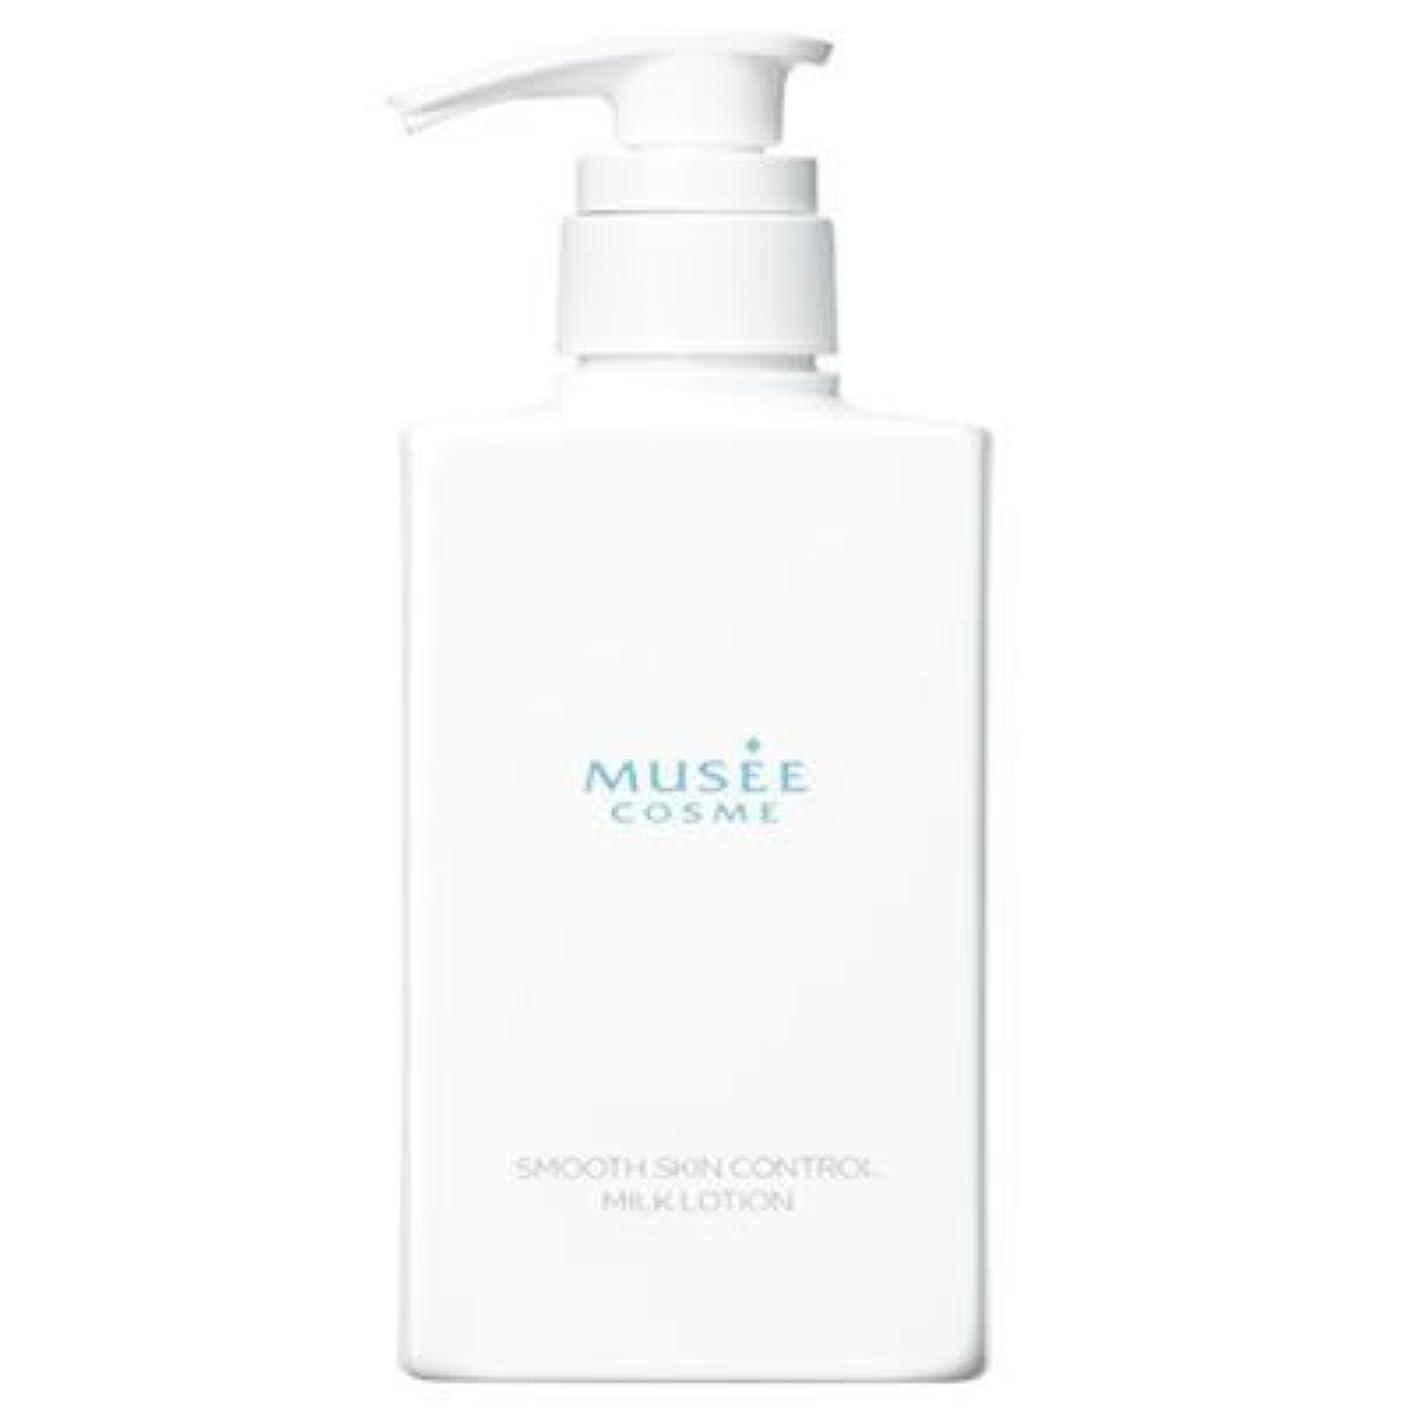 不誠実服を洗うお母さんミュゼ 薬用スムーススキンコントロールミルクローション 300ml ホワイトジャスミンの香り [並行輸入品]